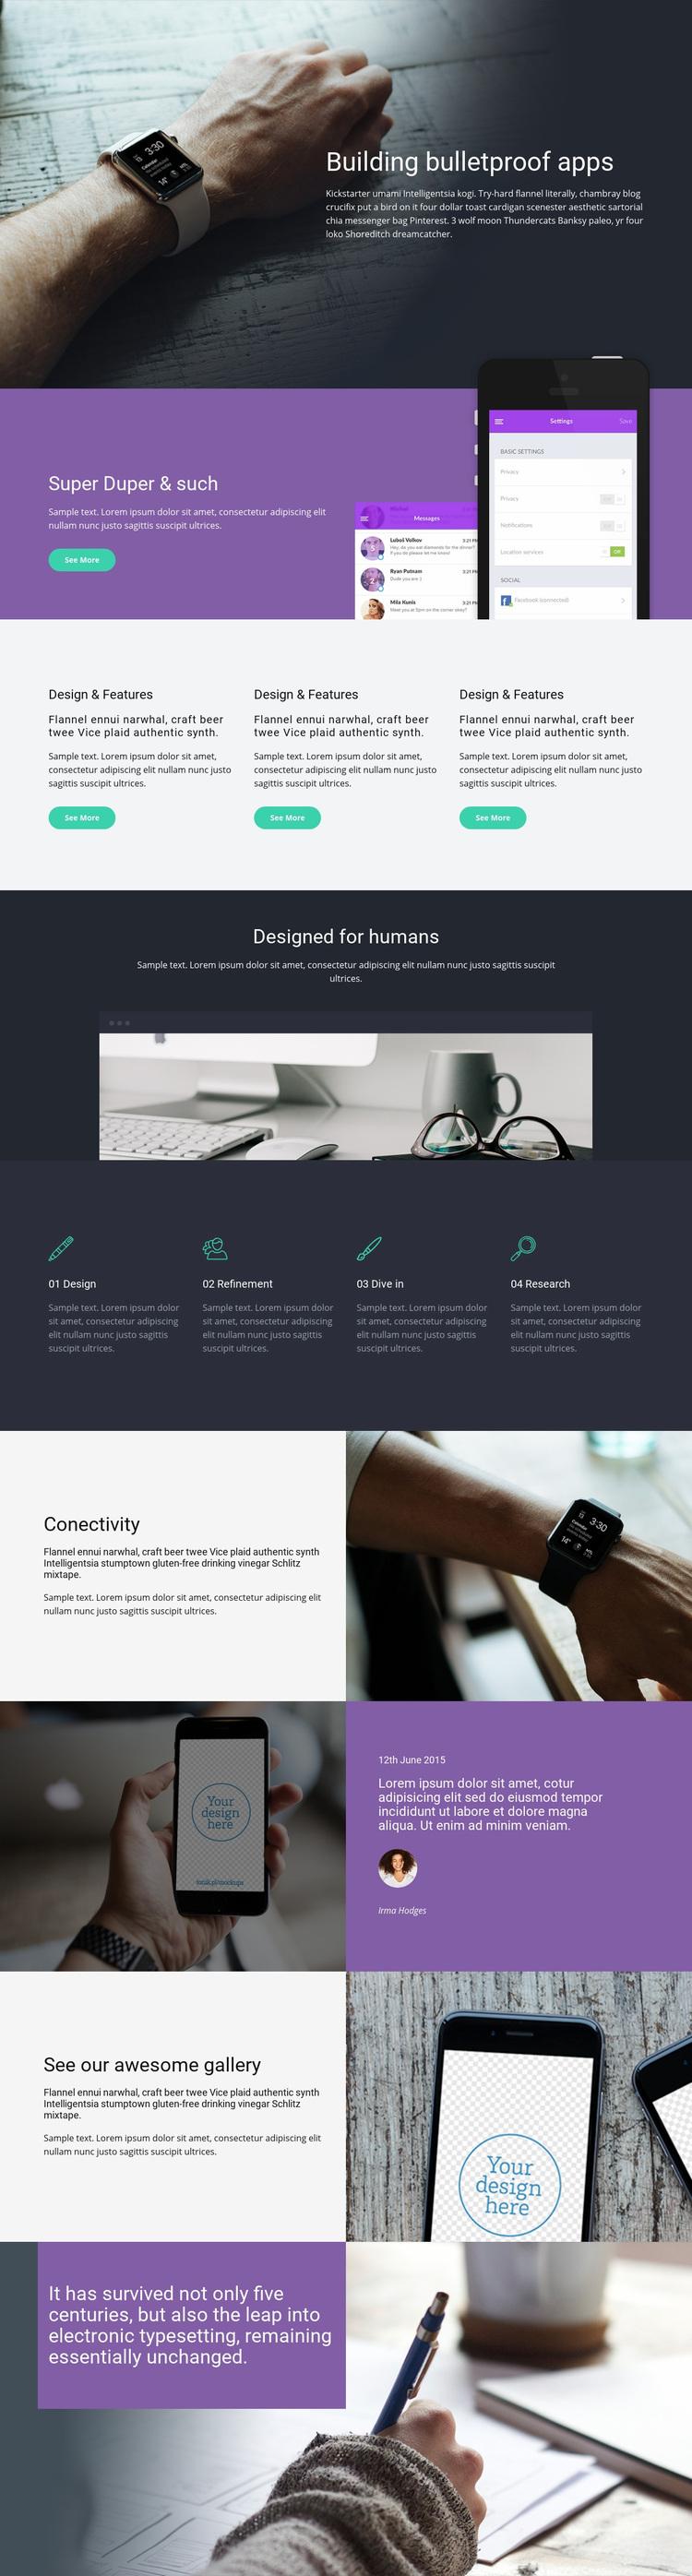 Bulletproof Apps Web Page Designer